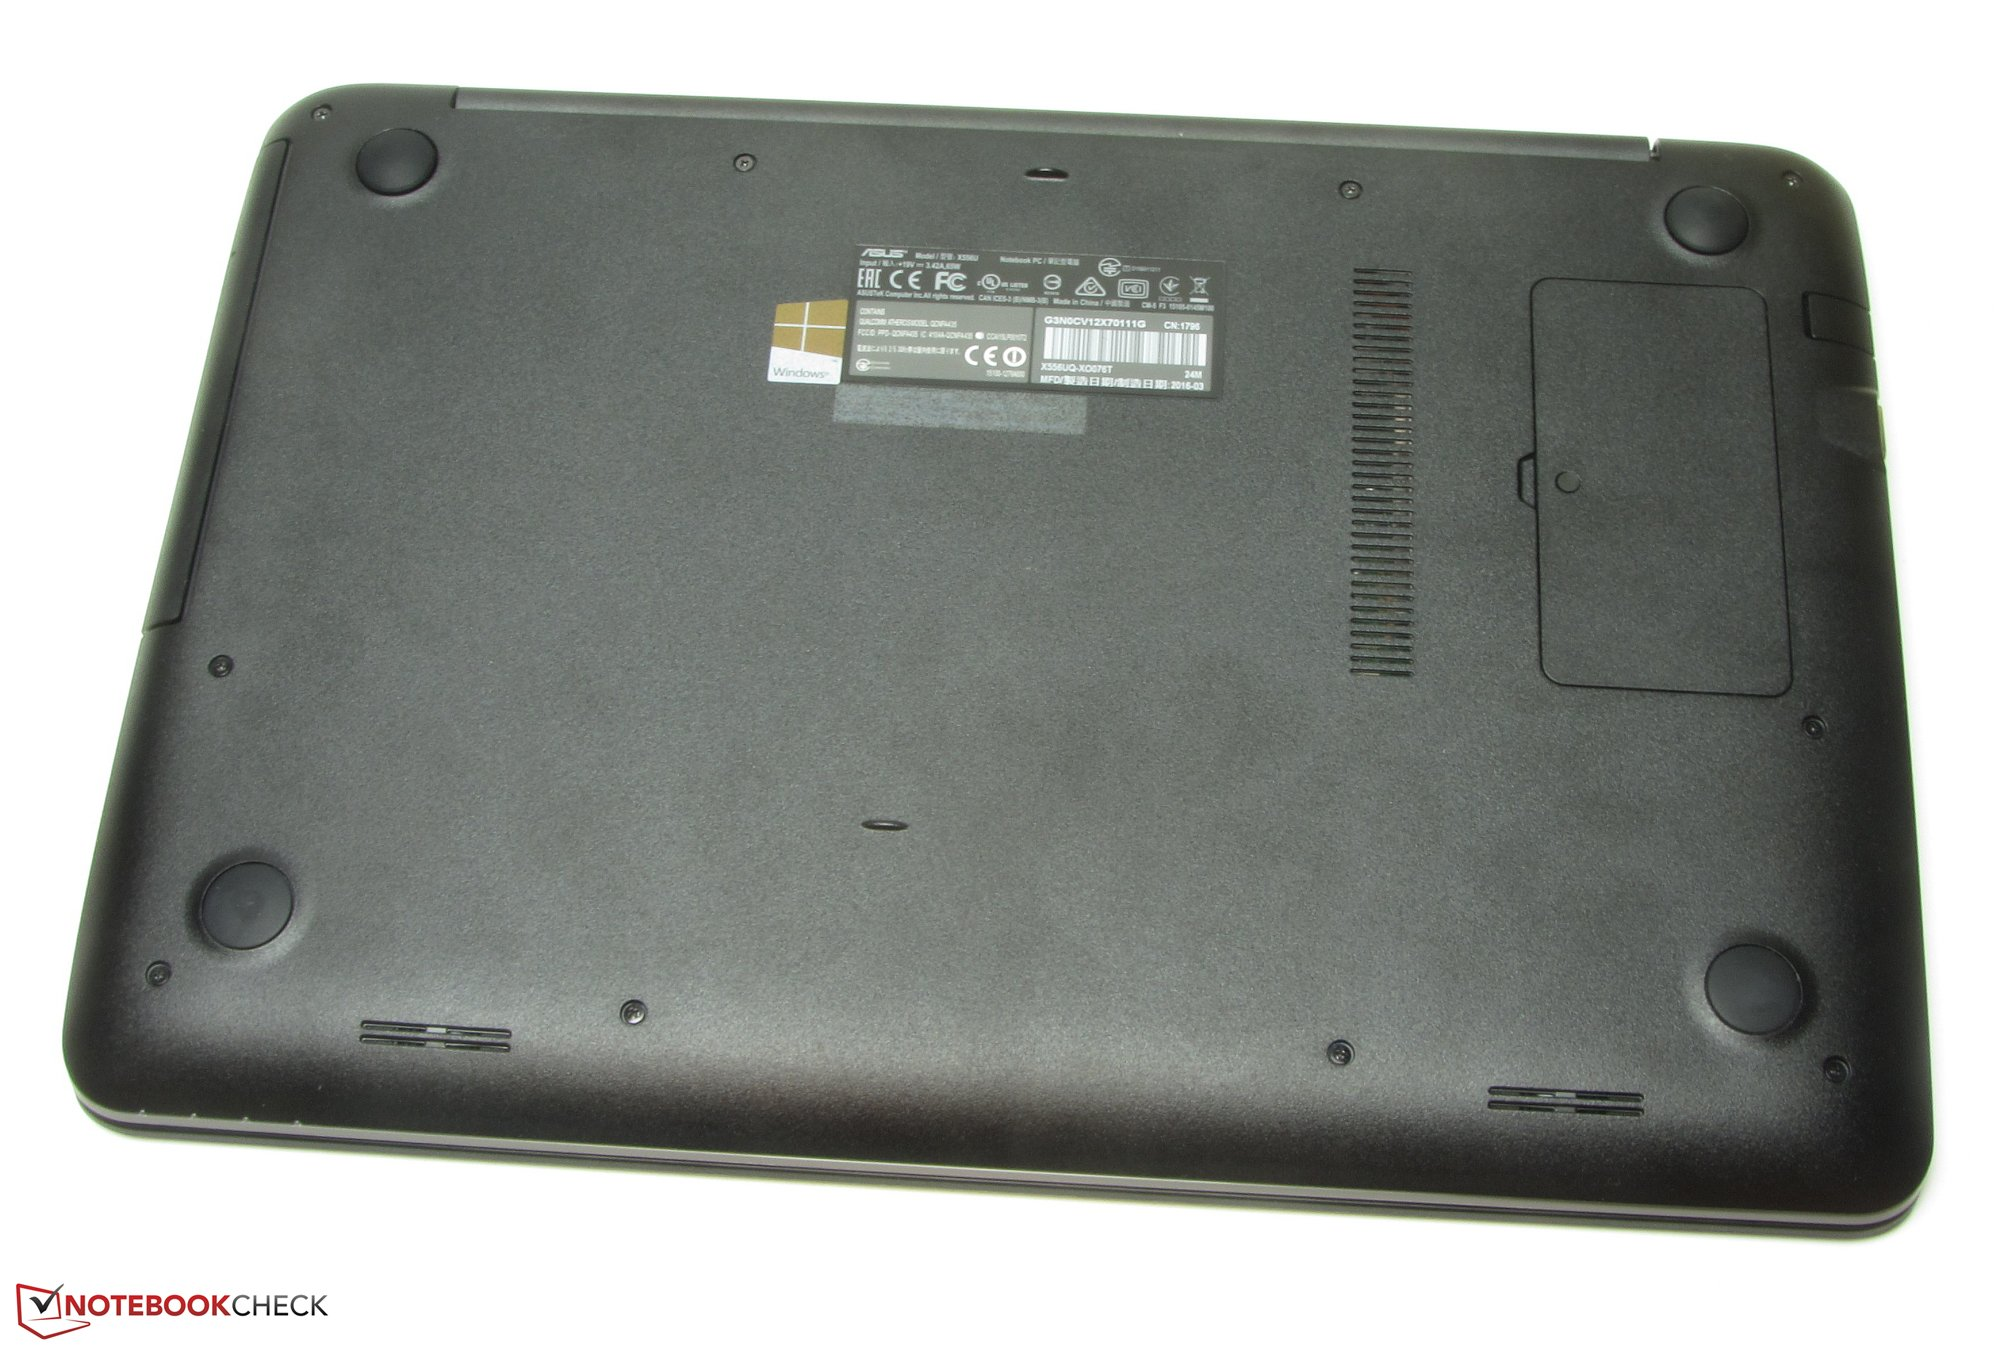 华硕VivoBook X556UQ-XO076T 笔记本电脑简短评测- Notebookcheck